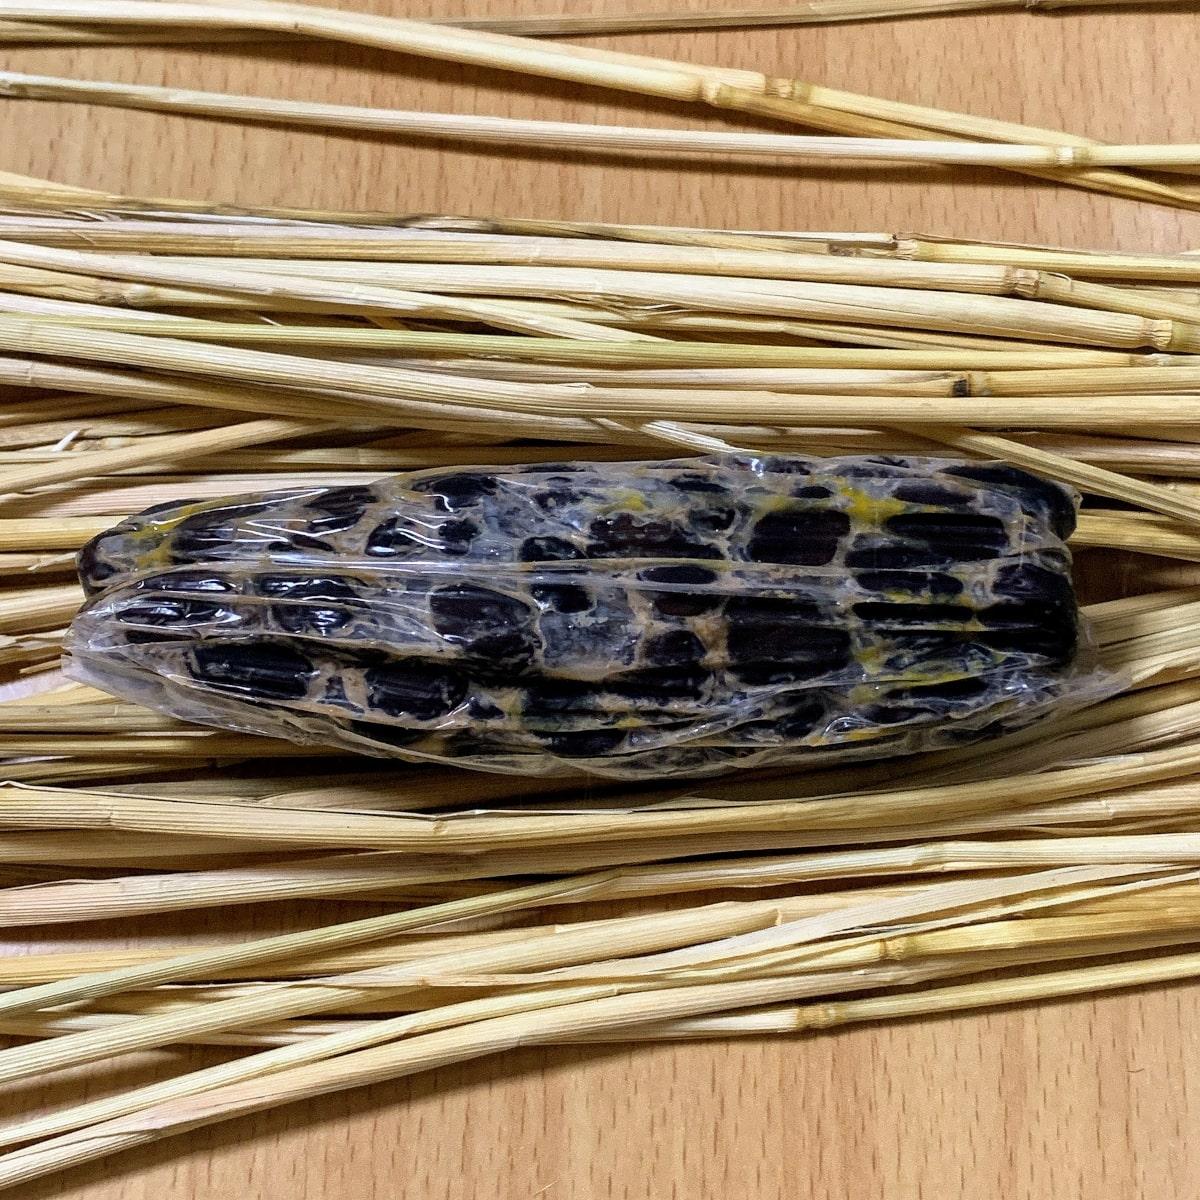 山口食品「黒豆納豆」の藁苞の中の画像